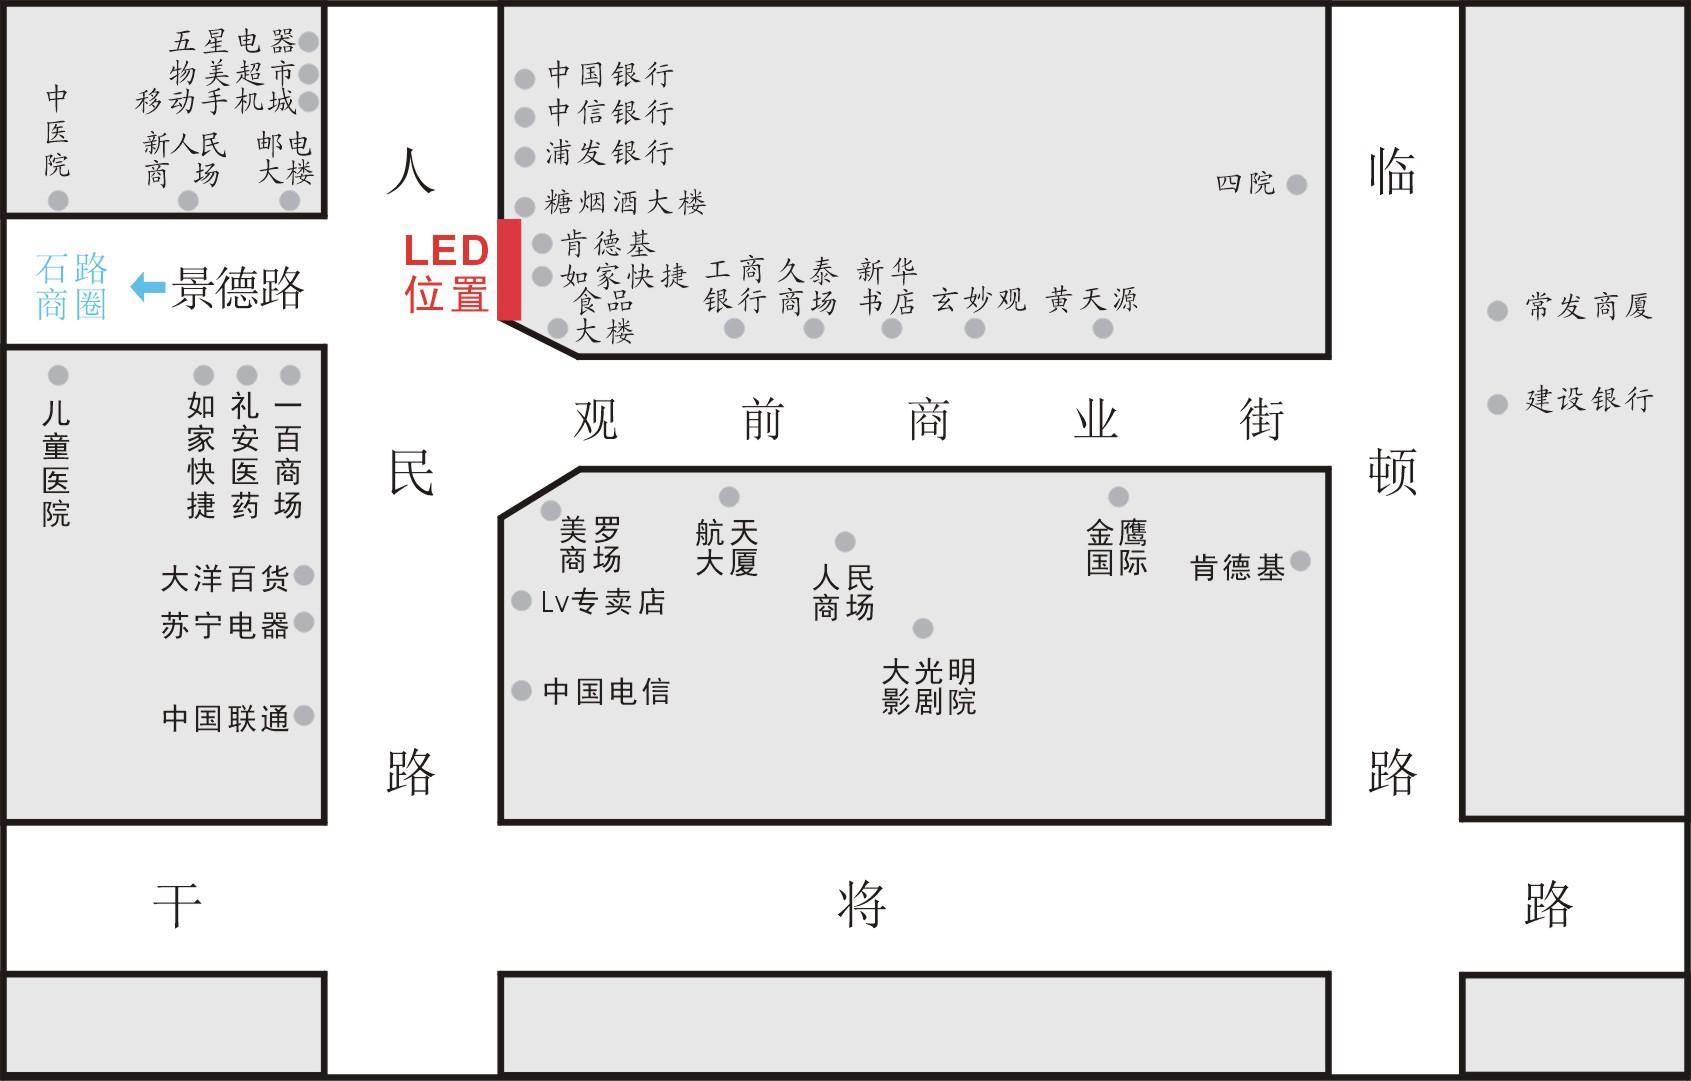 苏州百合zl-r200a电路图